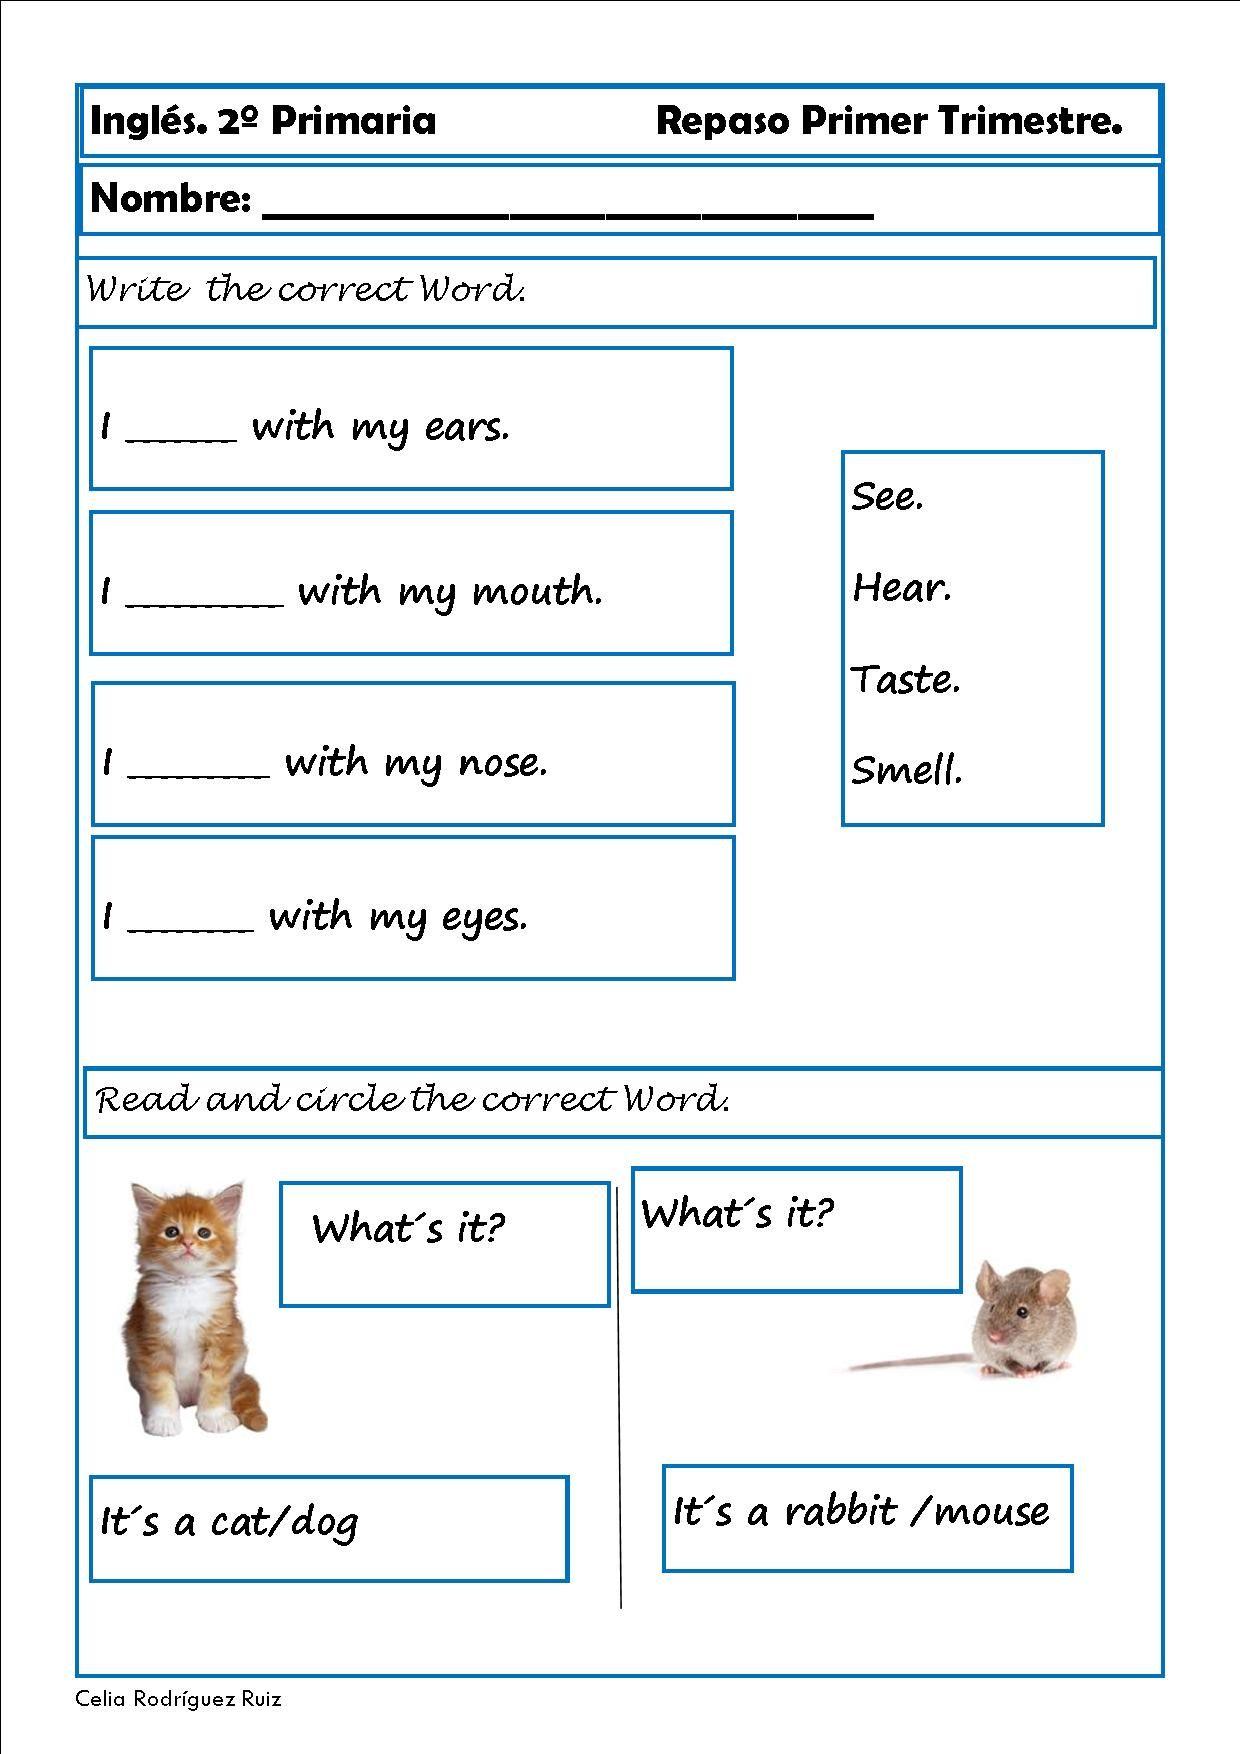 Ejercicios de inglés para segundo de primaria | Ejercicios ...